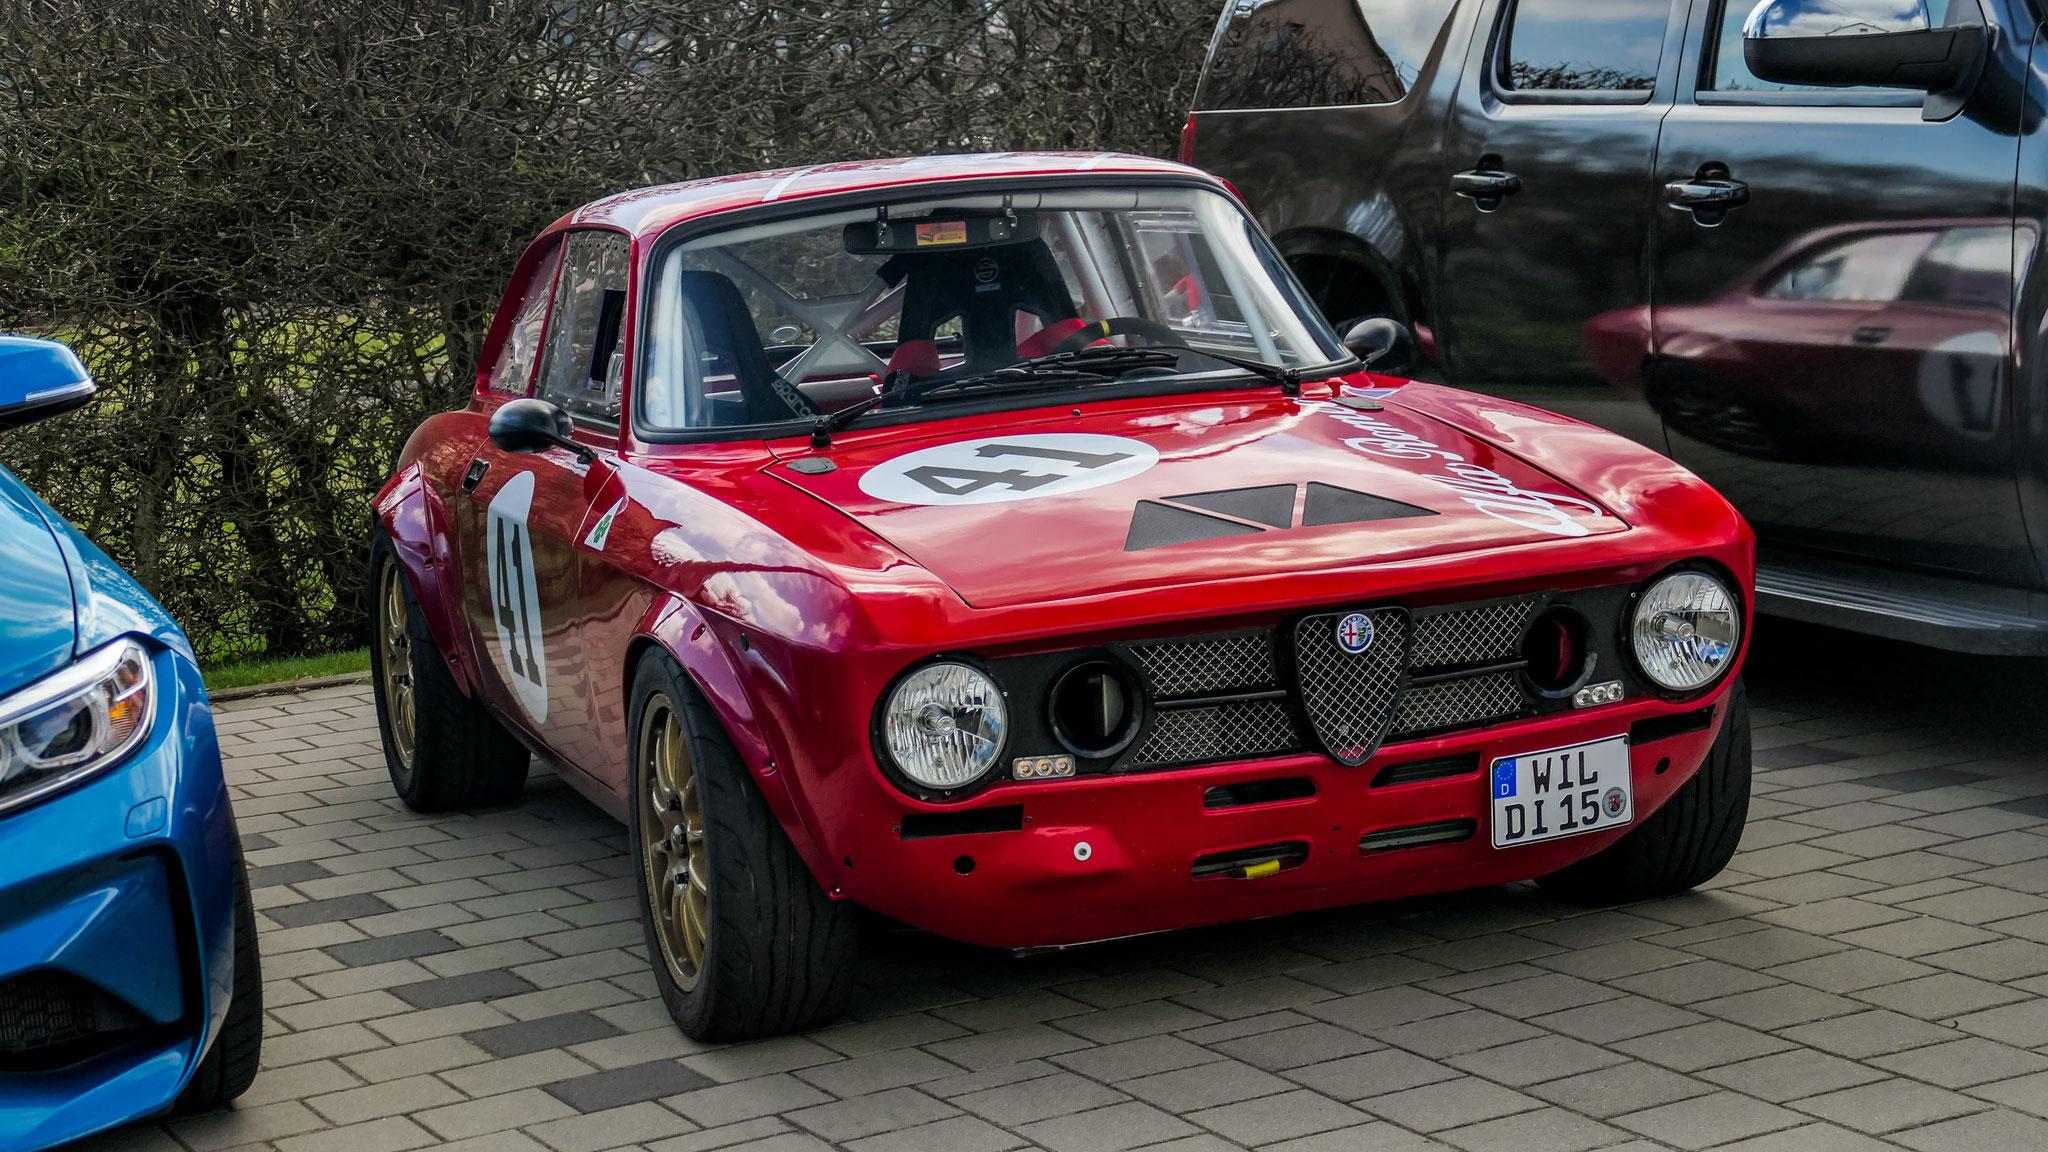 """Alfa Romeo Giulia  """"GTA"""" - WIL-DI-15"""